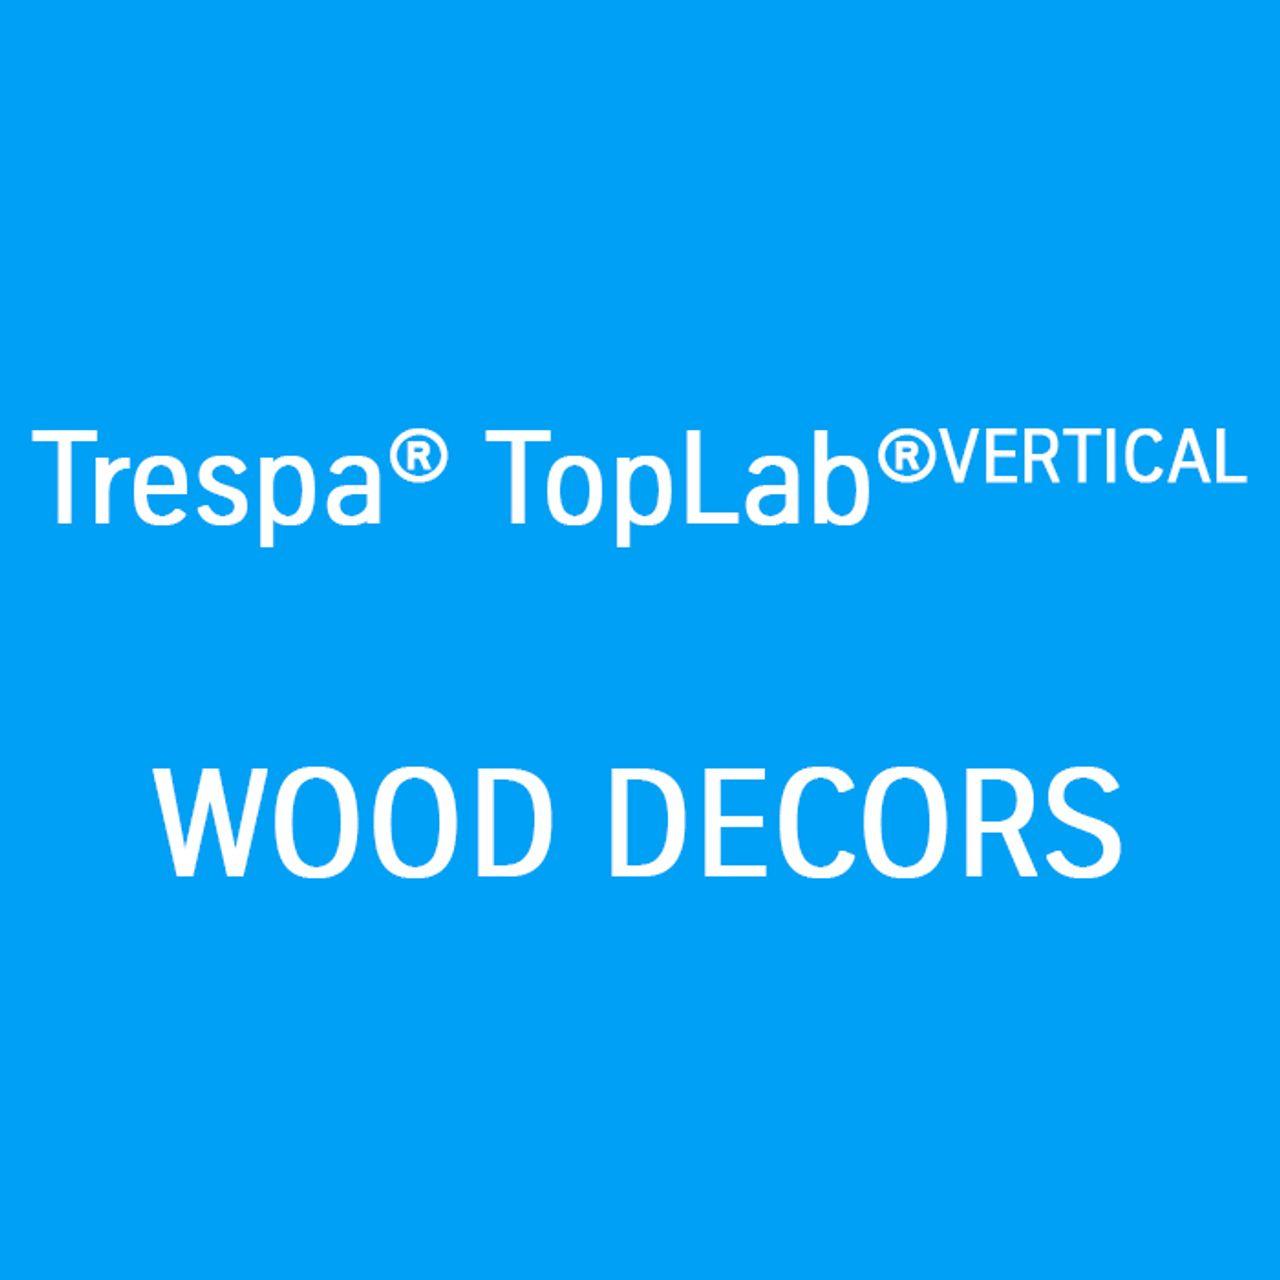 Trespa Top Lab Vertical Wood Decors